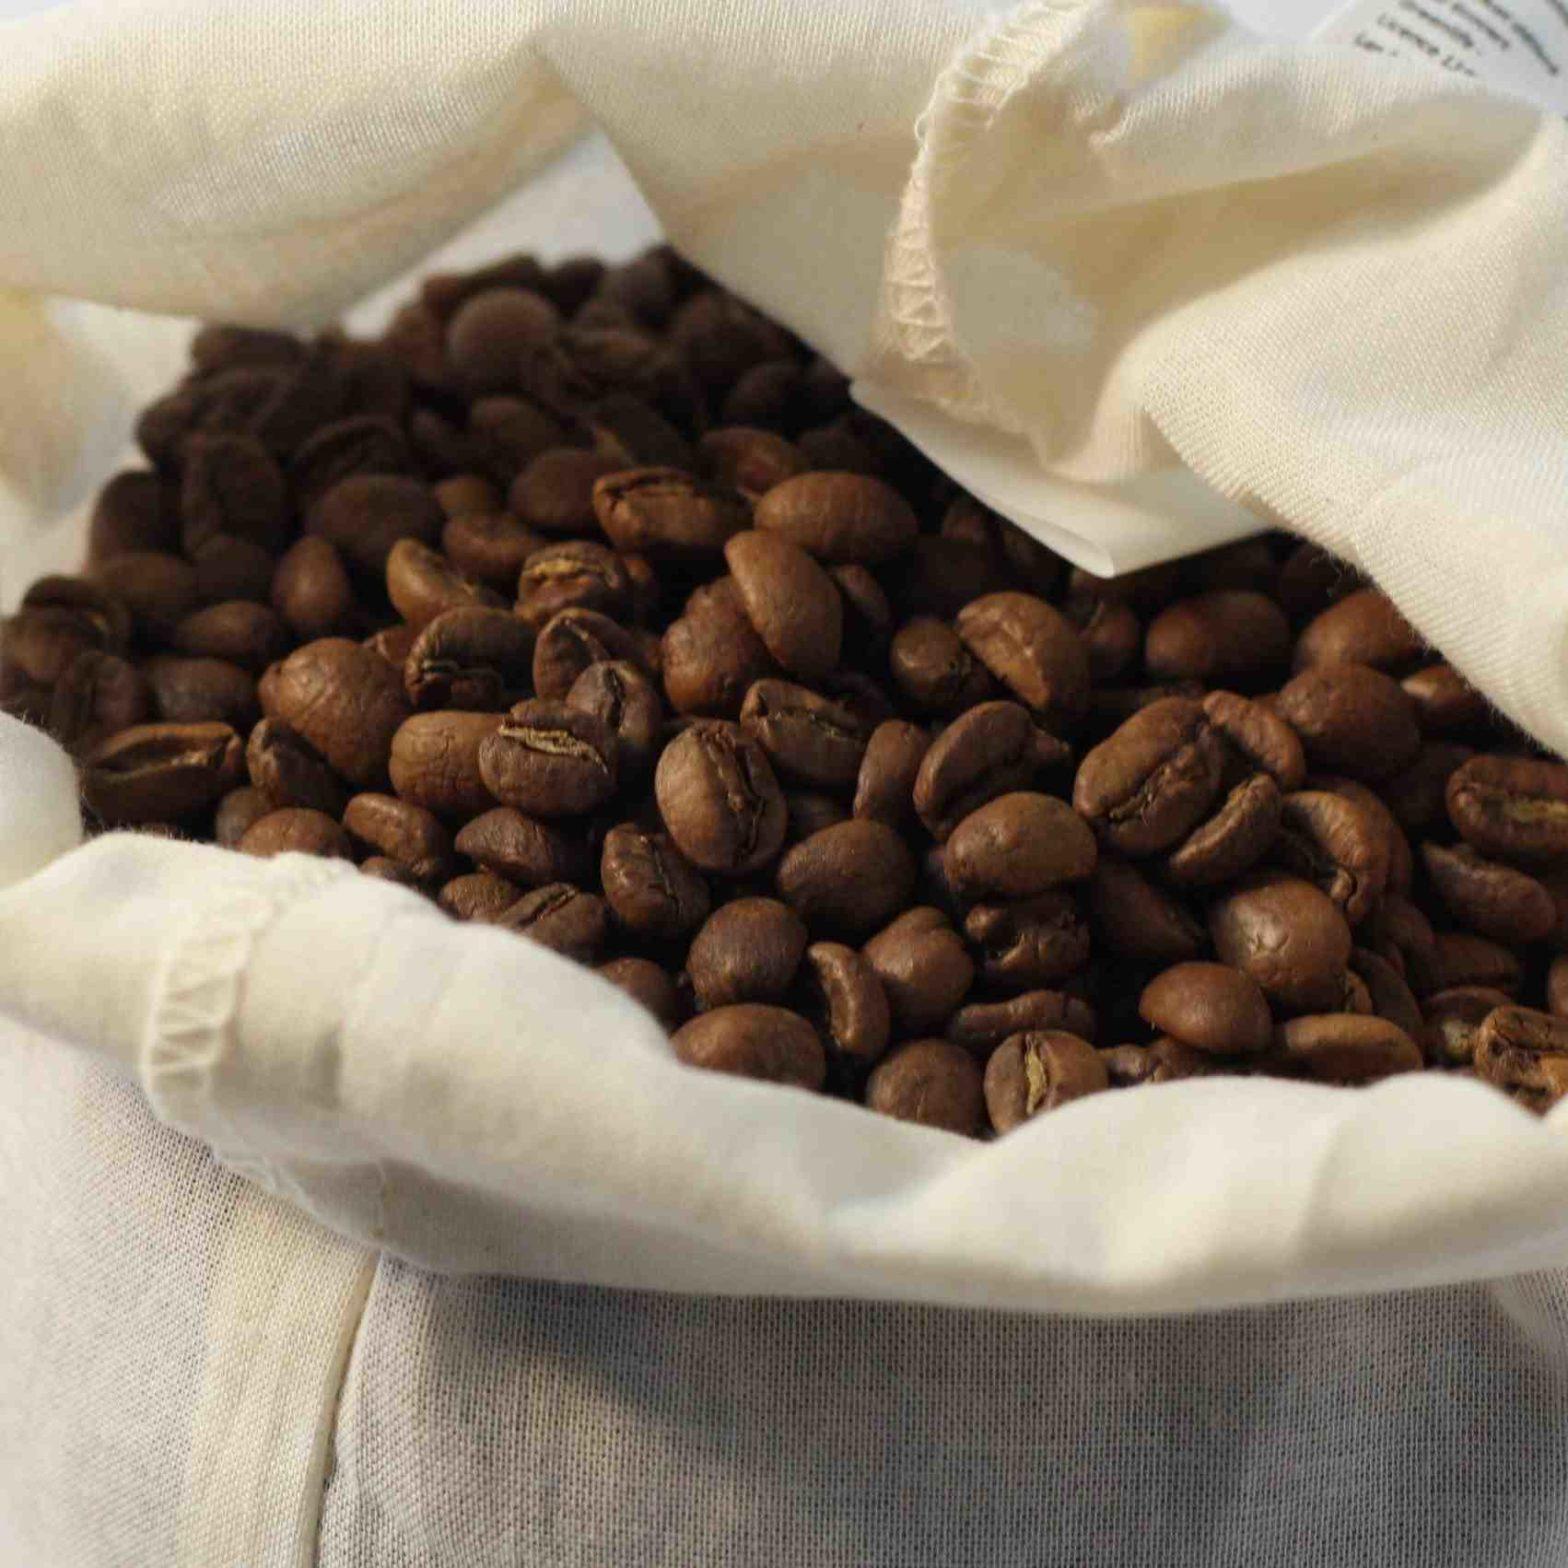 Comment choisir un bon café ?